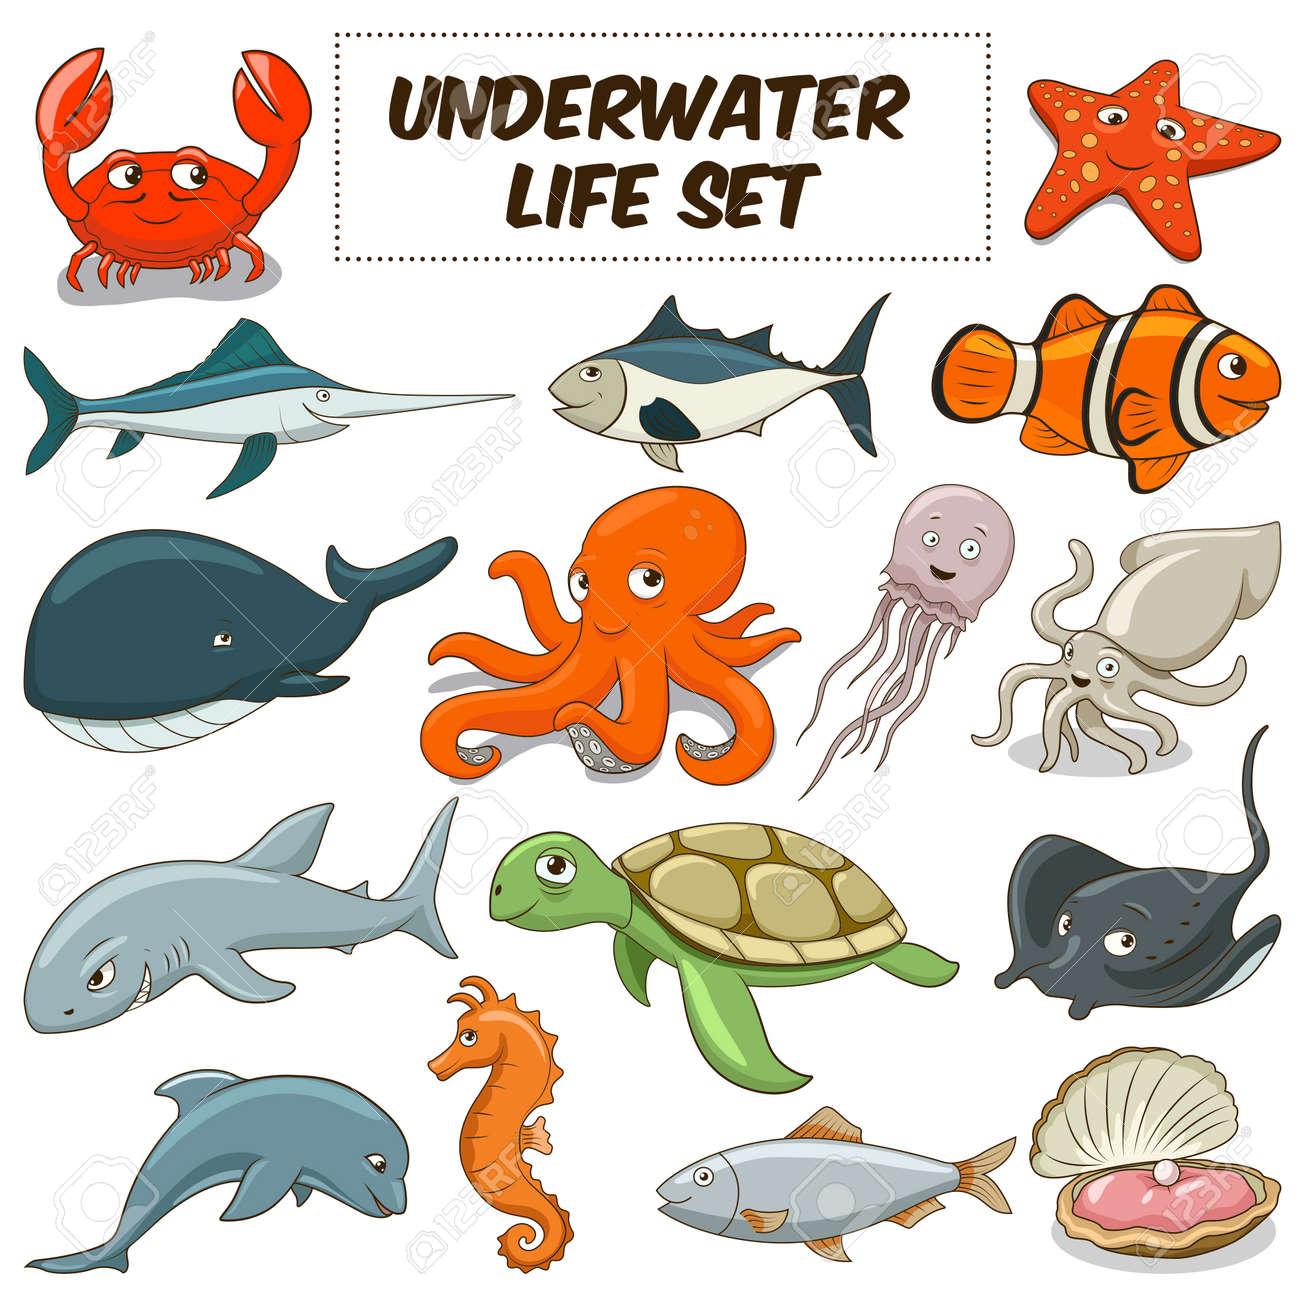 De Dibujos Animados Divertidos Animales De La Vida Bajo El Agua